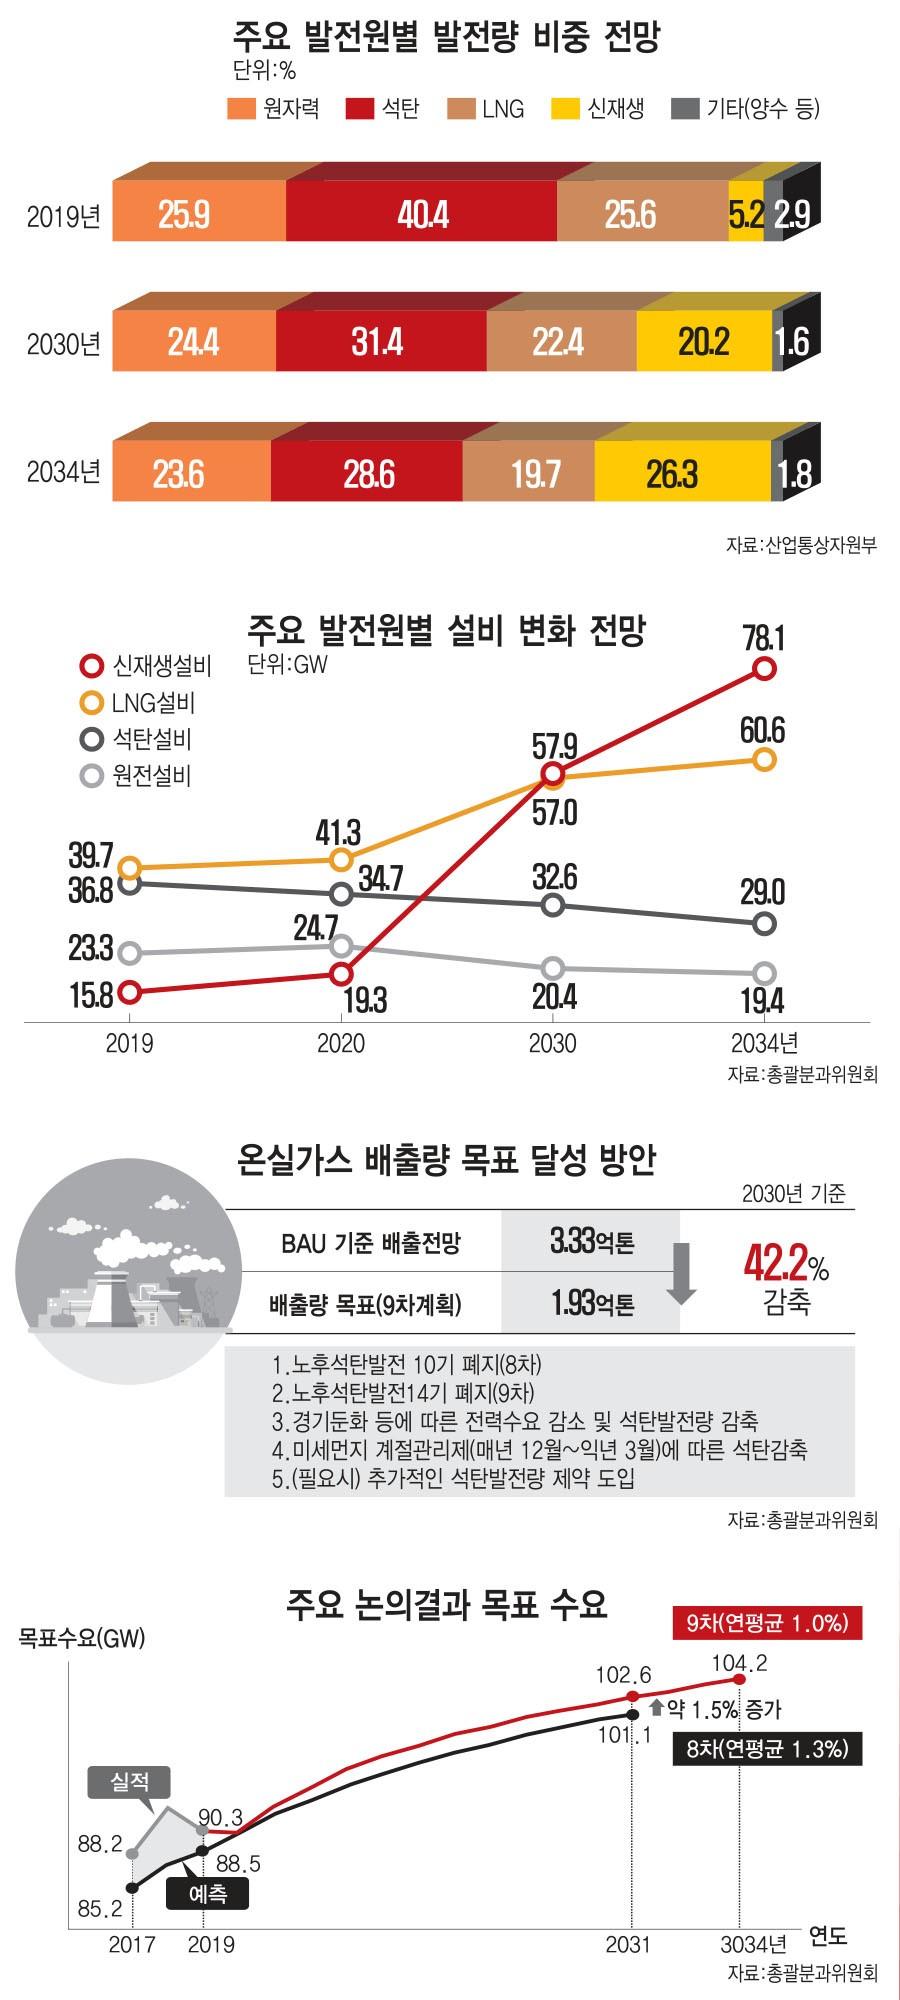 [이슈분석] 9차 전력수급계획 쟁점은?…LNG·신재생 확대 따른 발전효율 숙제